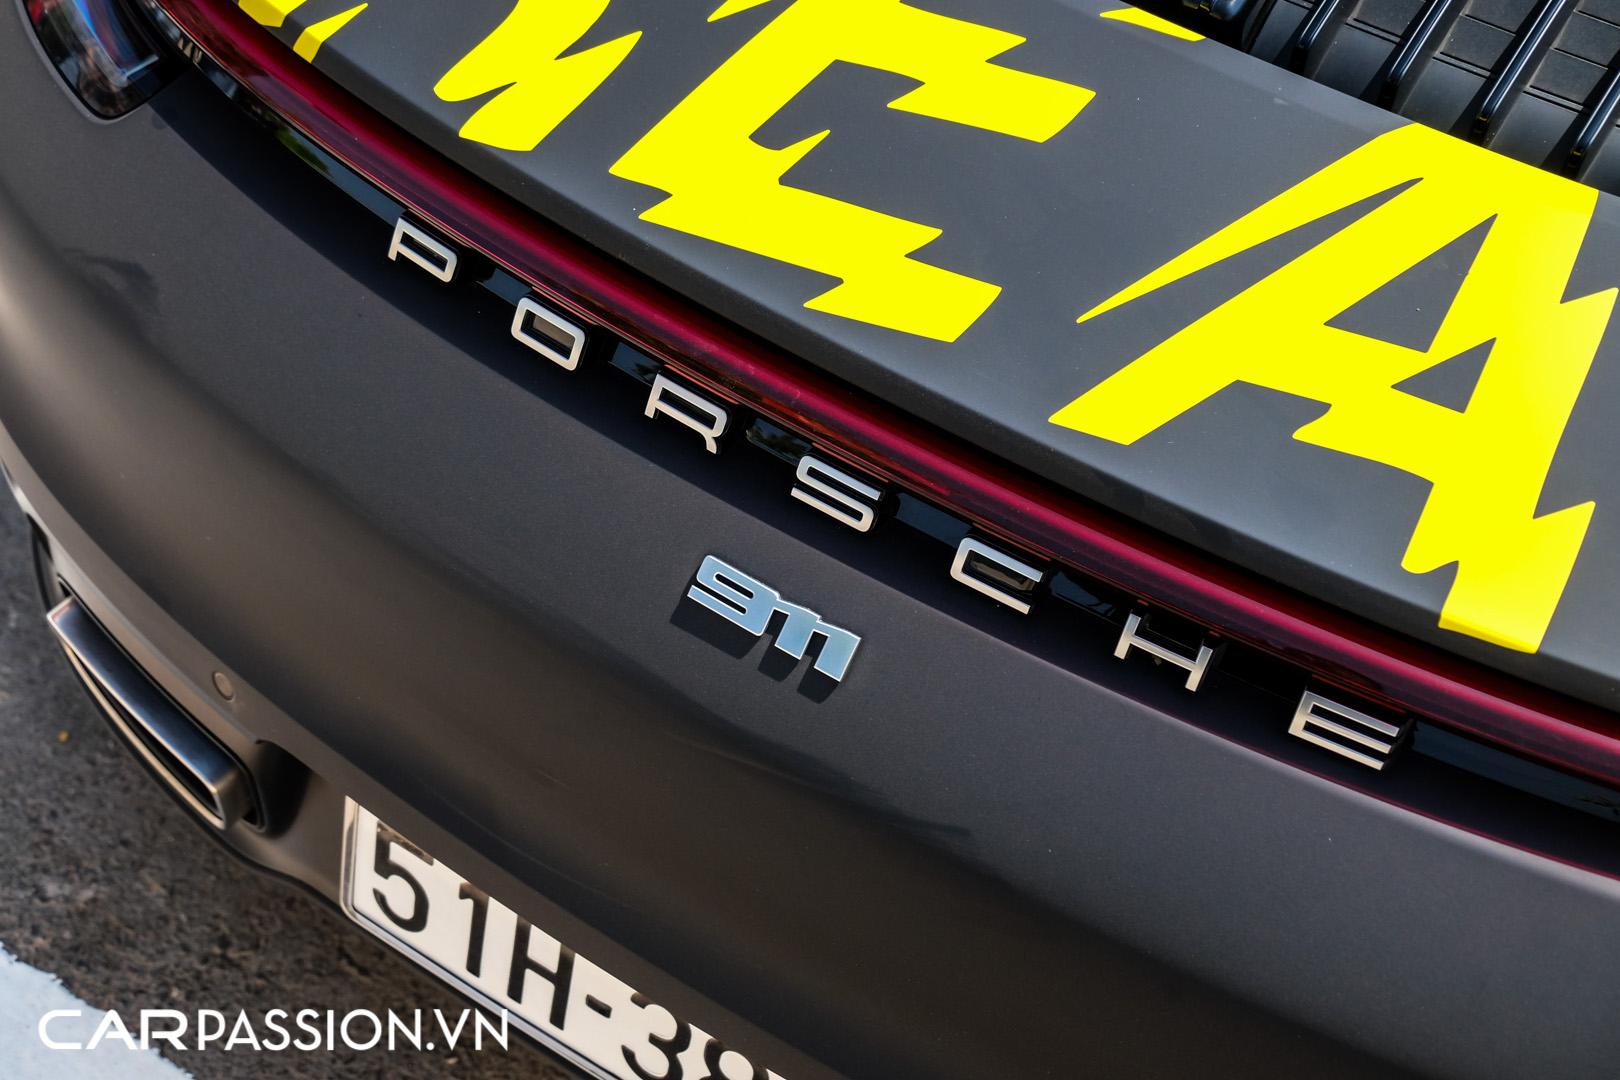 Porsche 911 của vợ chồng YouTuber (21).JPG